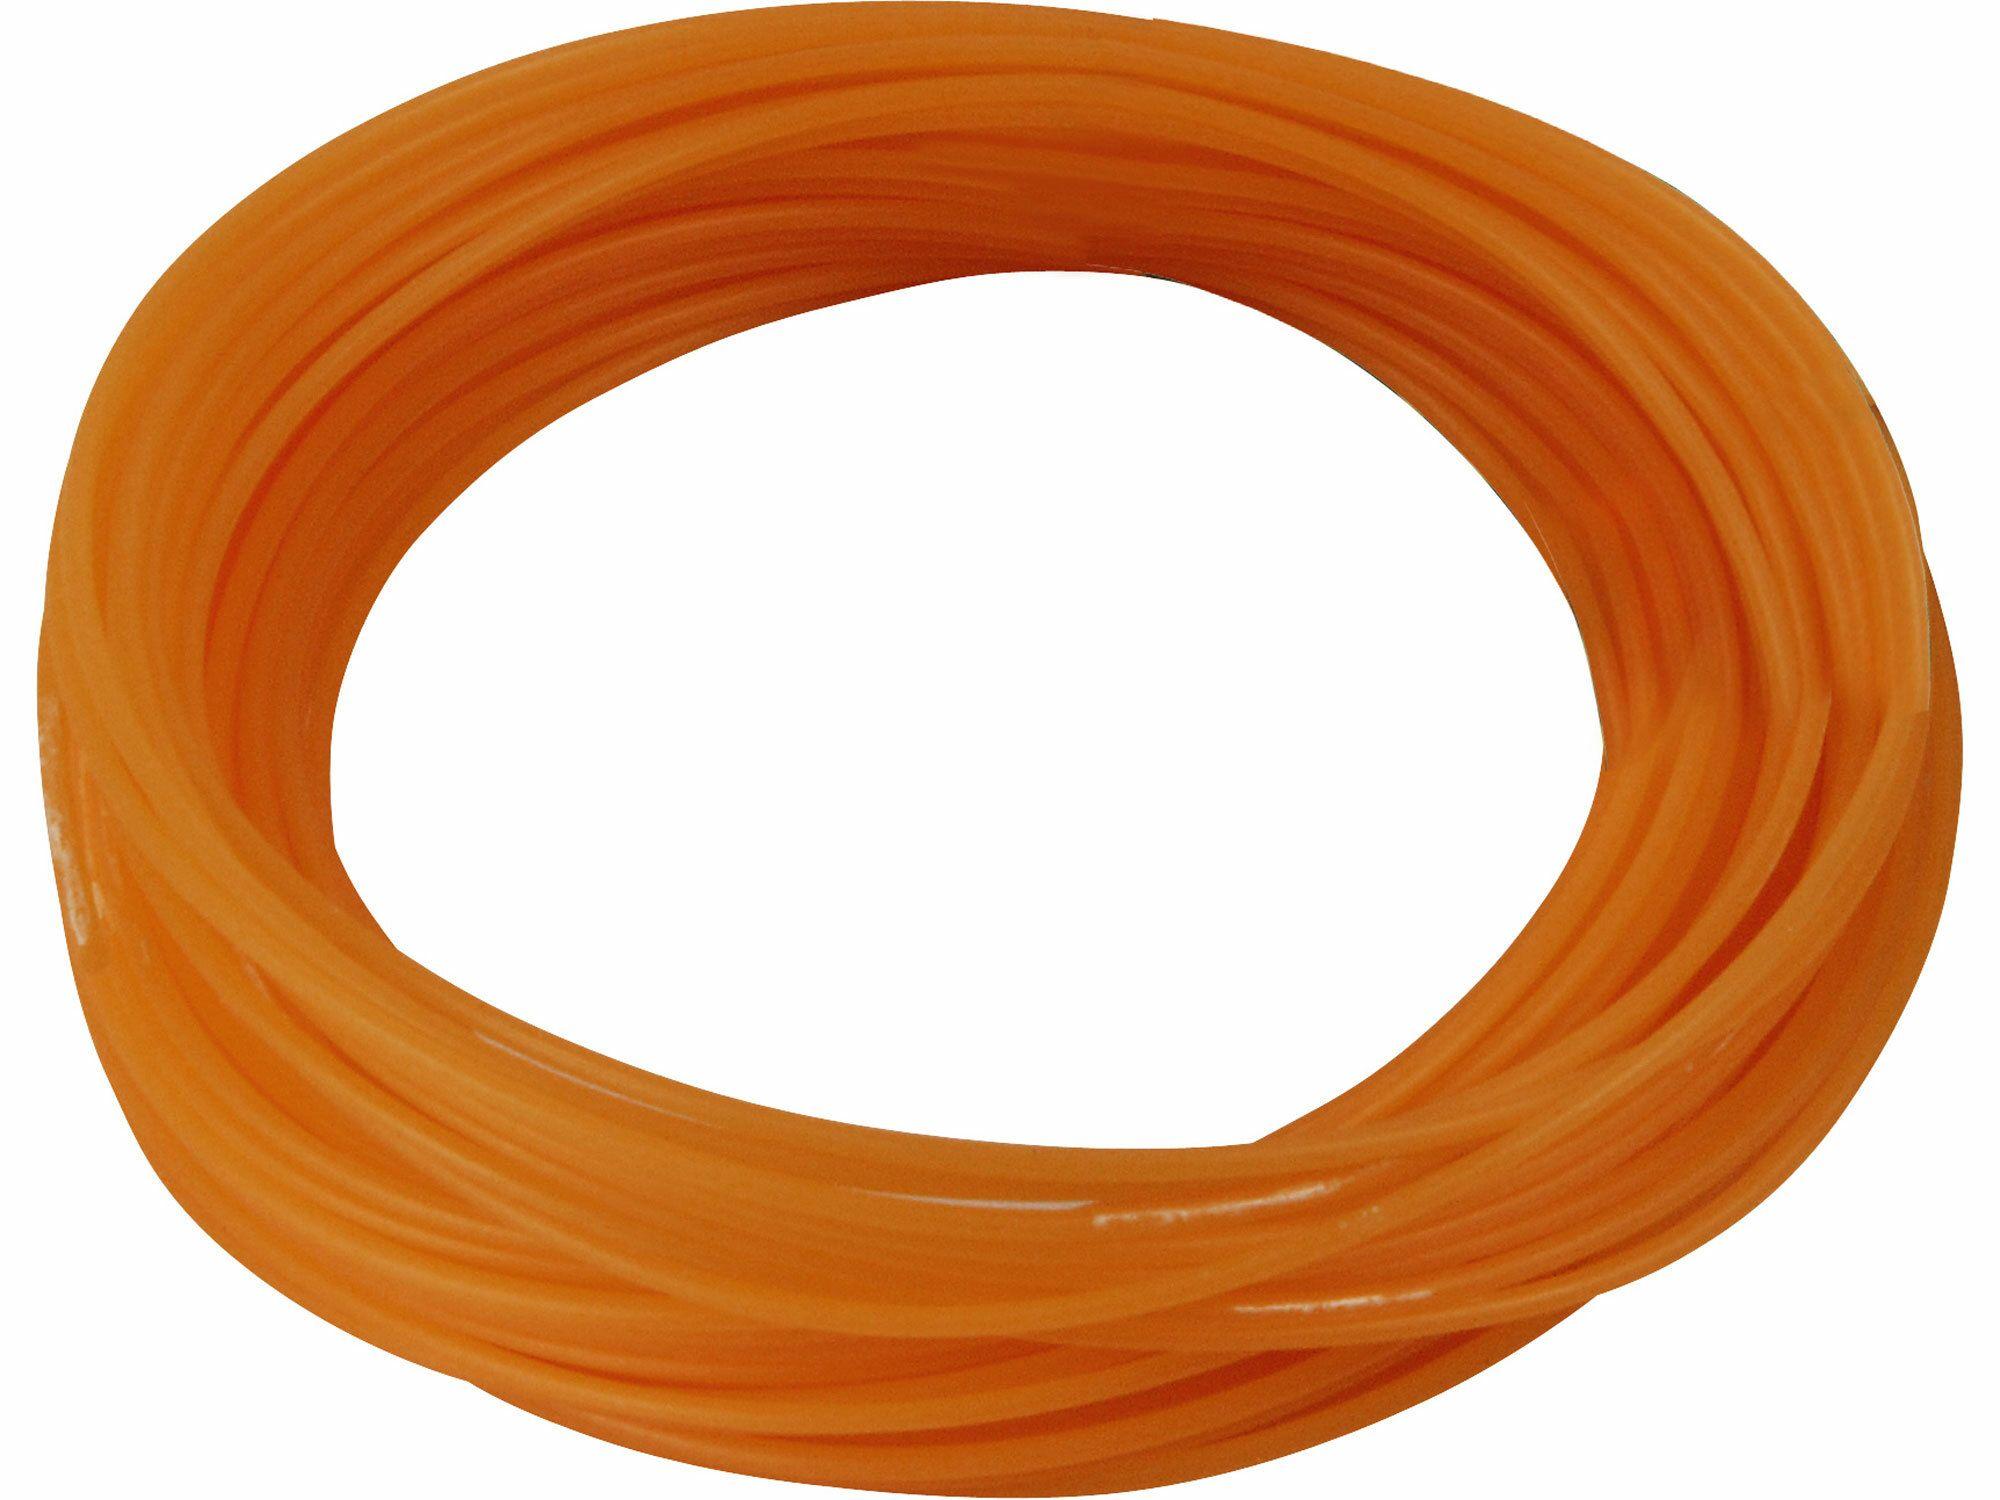 Struna do sekačky, 2,4mm, 15m, kruhový profil, nylon EXTOL-CRAFT